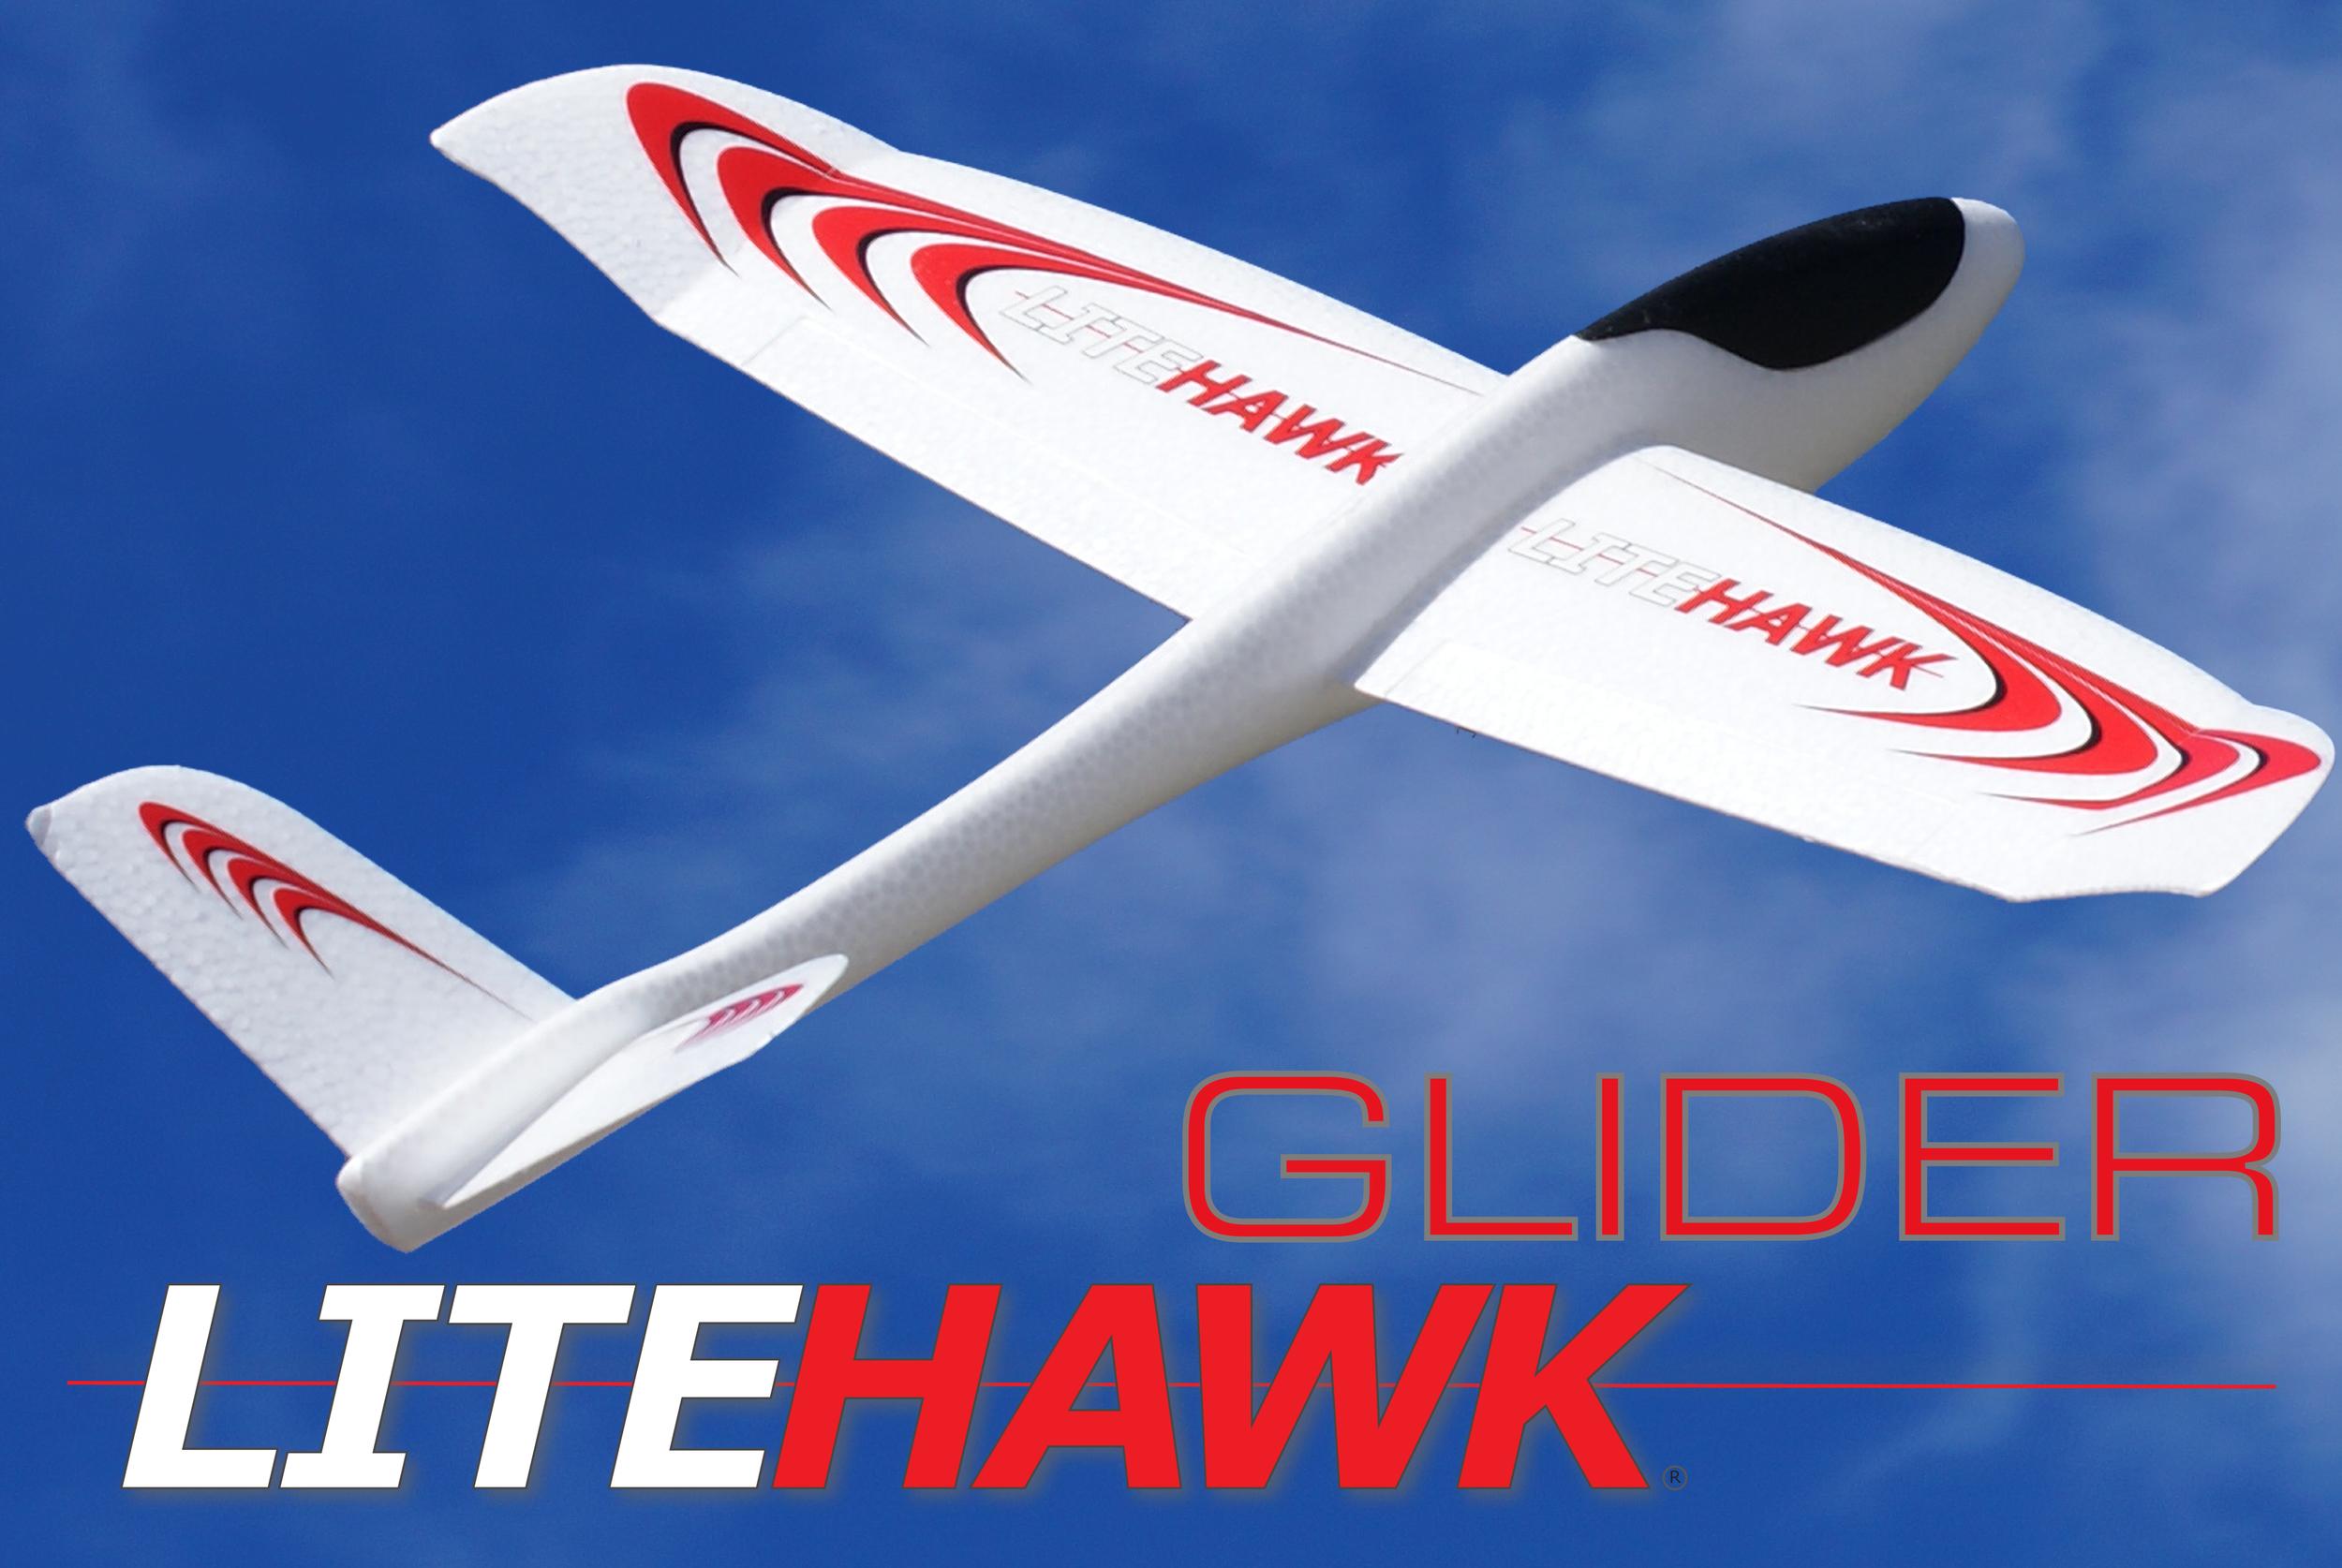 LiteHawk-GLIDER-285-12004-1.jpg